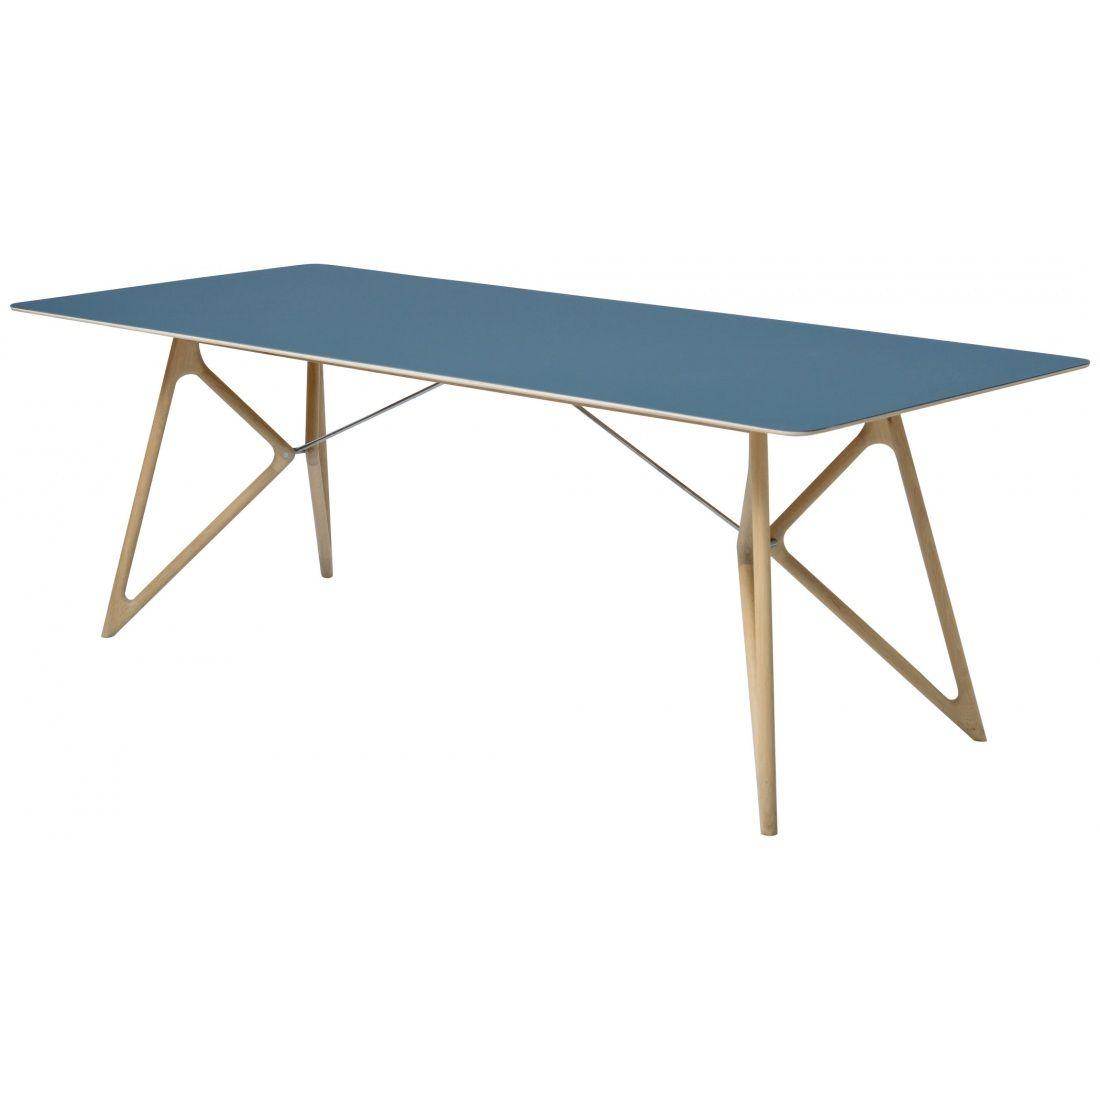 Esstisch Blau Tisch Esszimmertisch Designer   Möbel   Pinterest ...